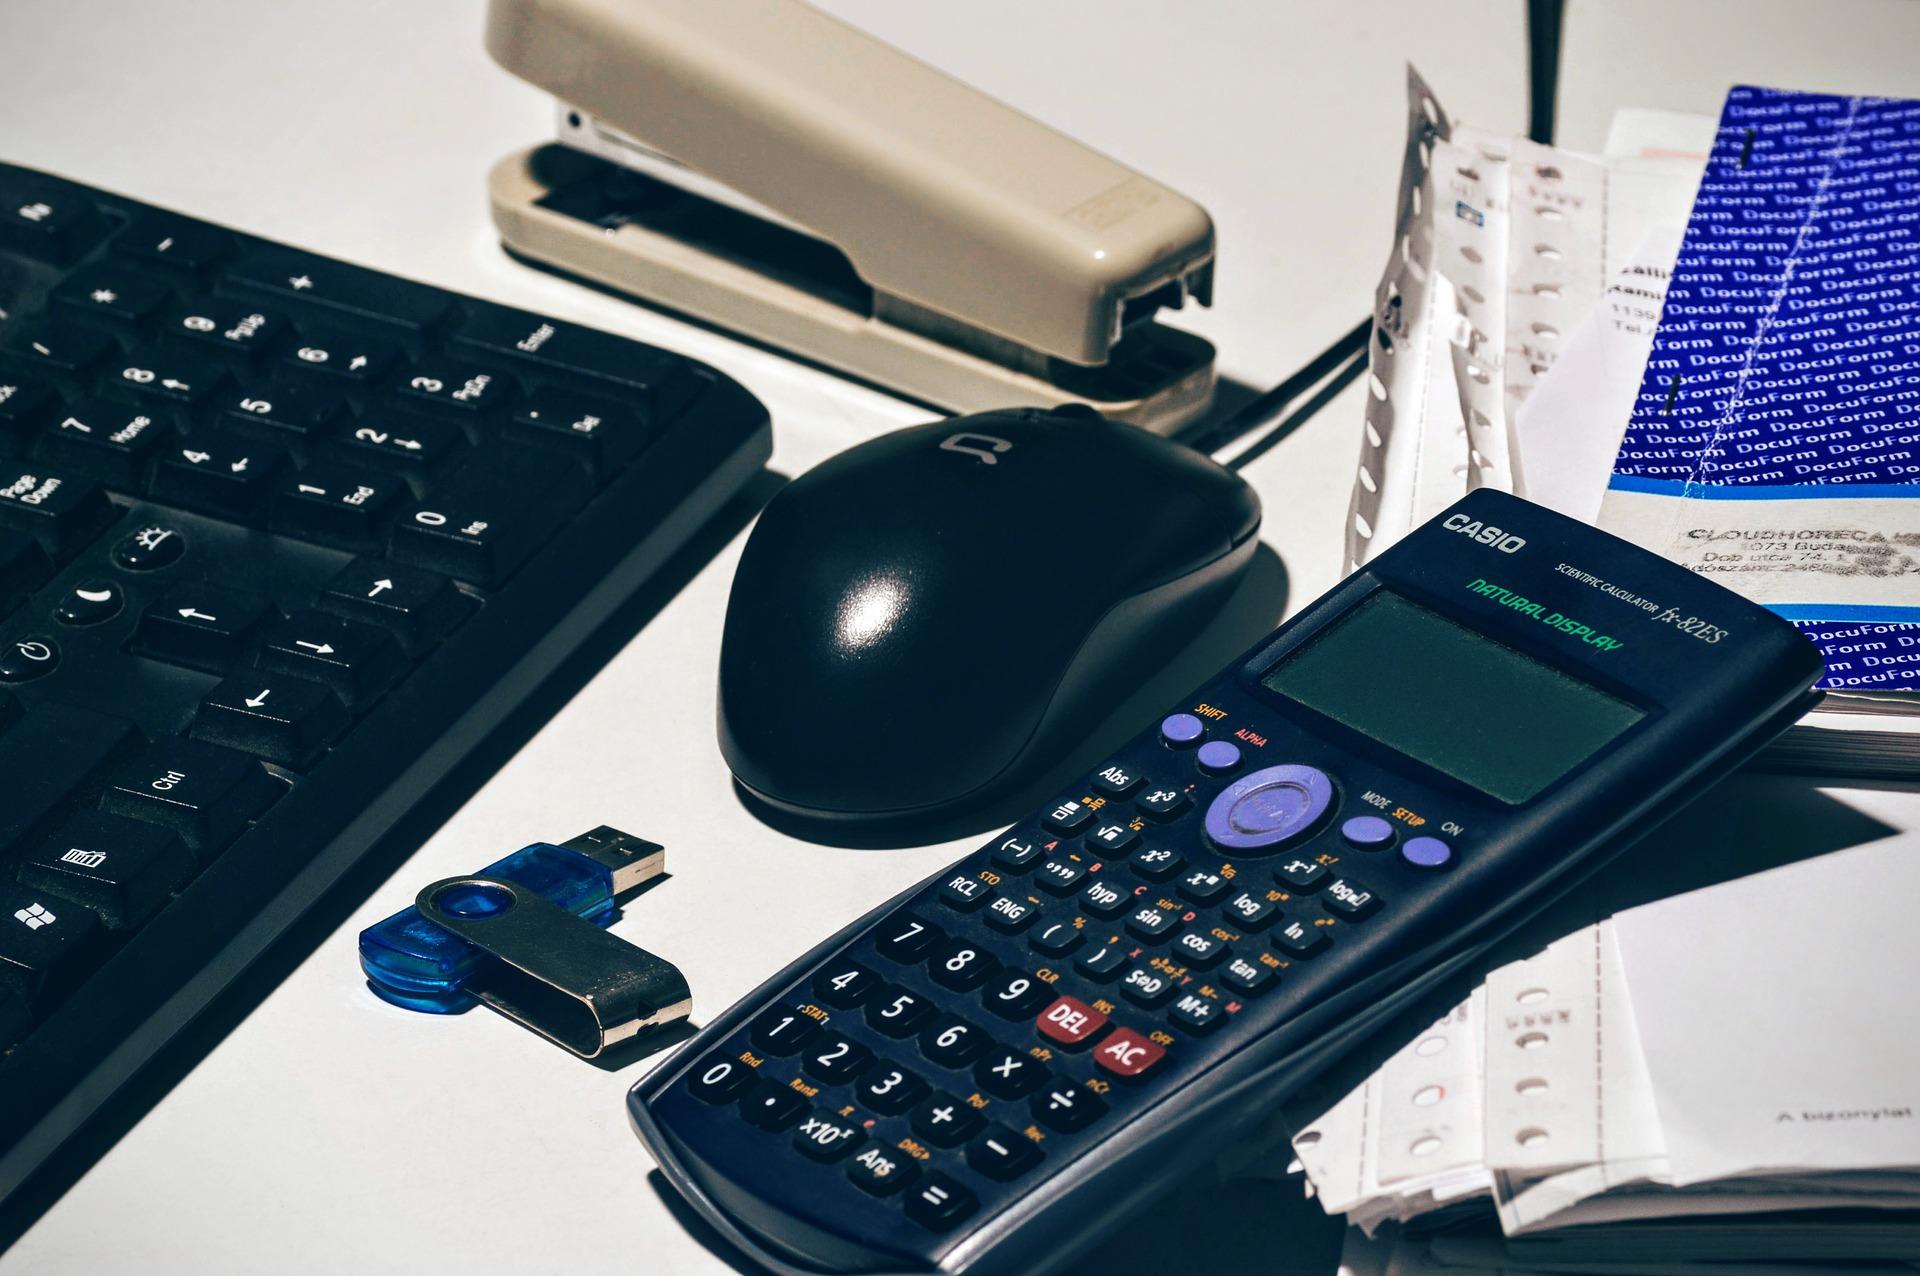 Taschenrechner, Tastatur